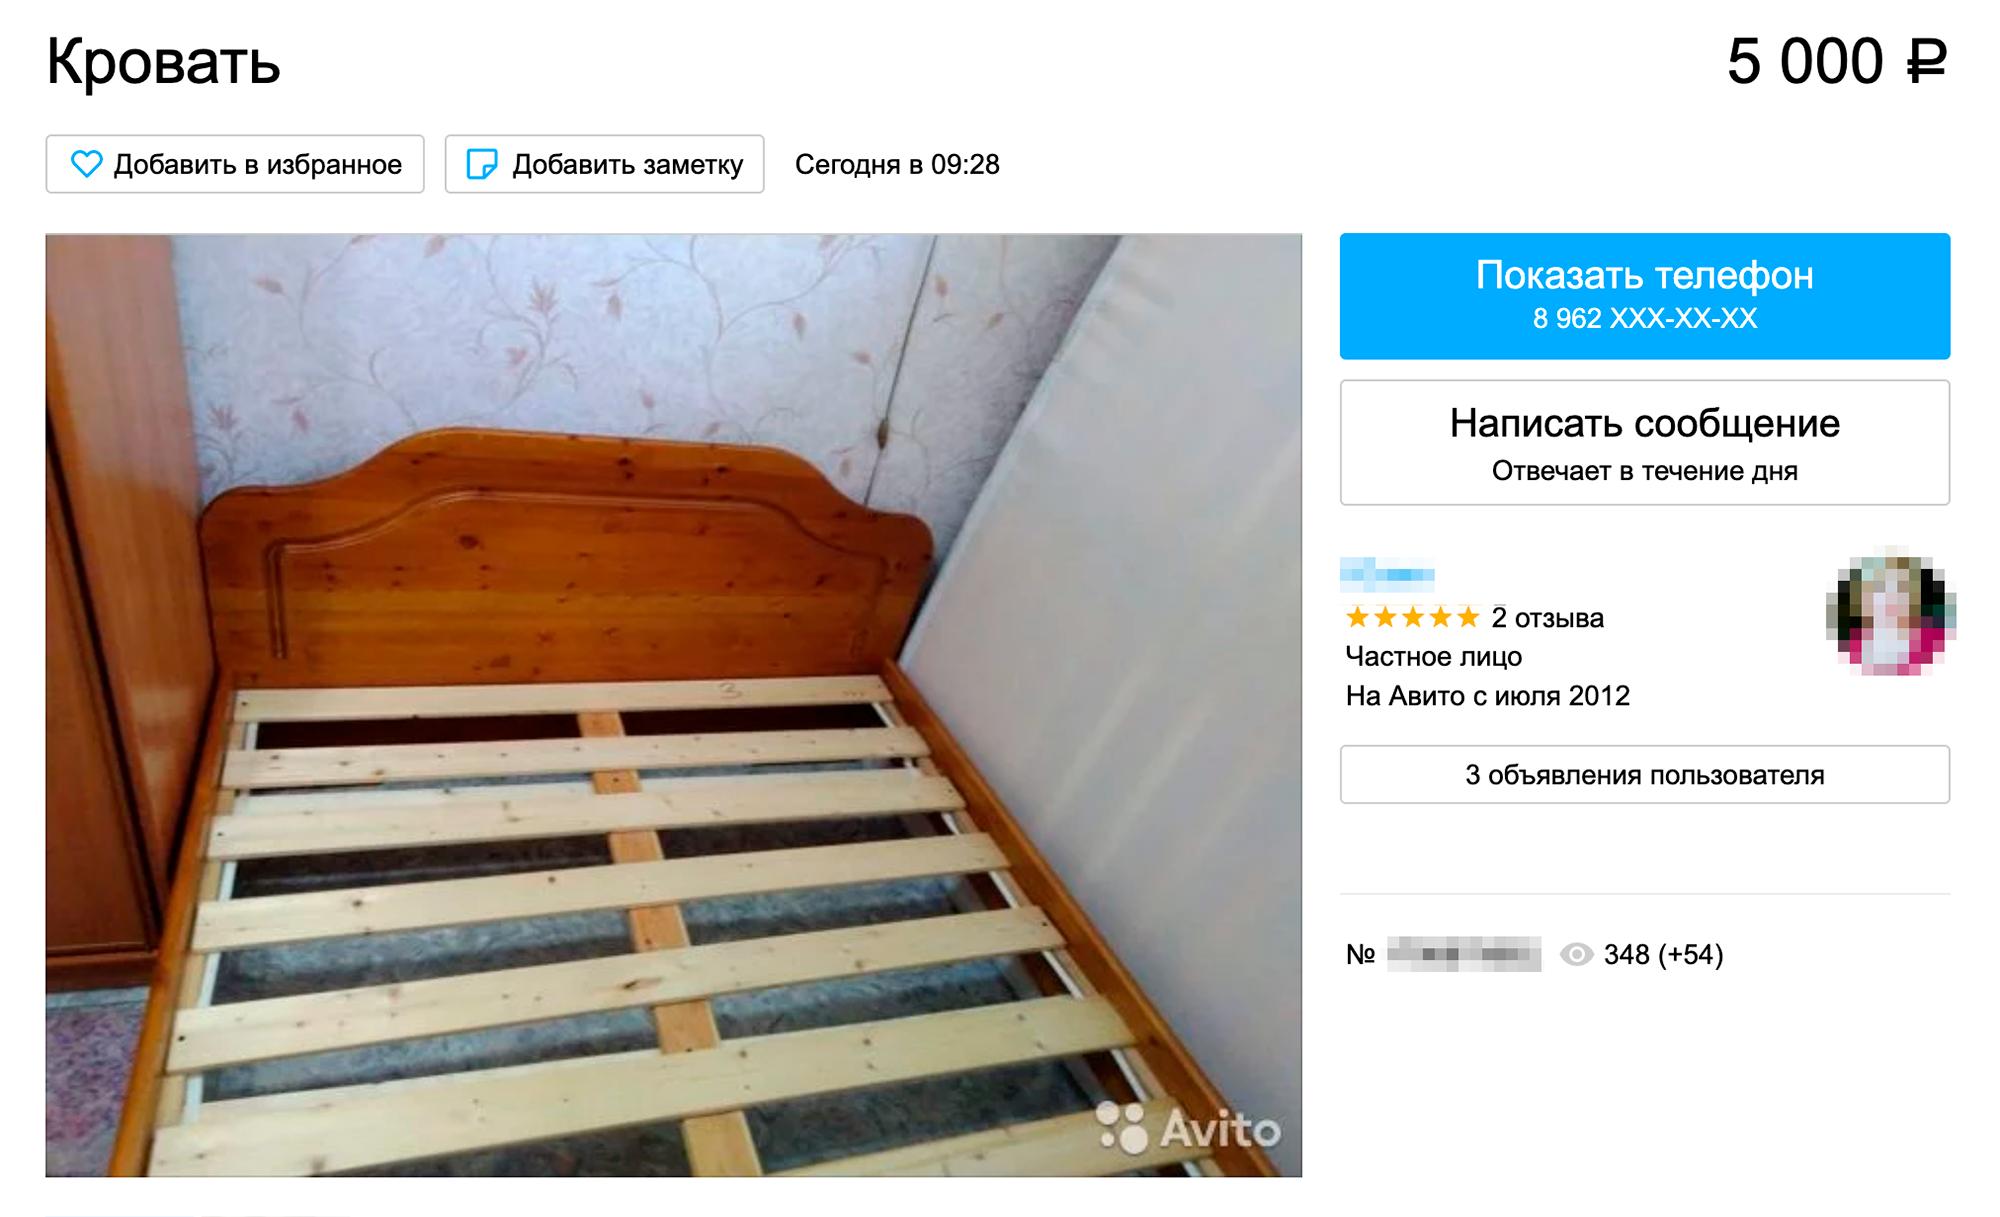 Кровать и диван в нормальном состоянии продают за 3—5 тысяч